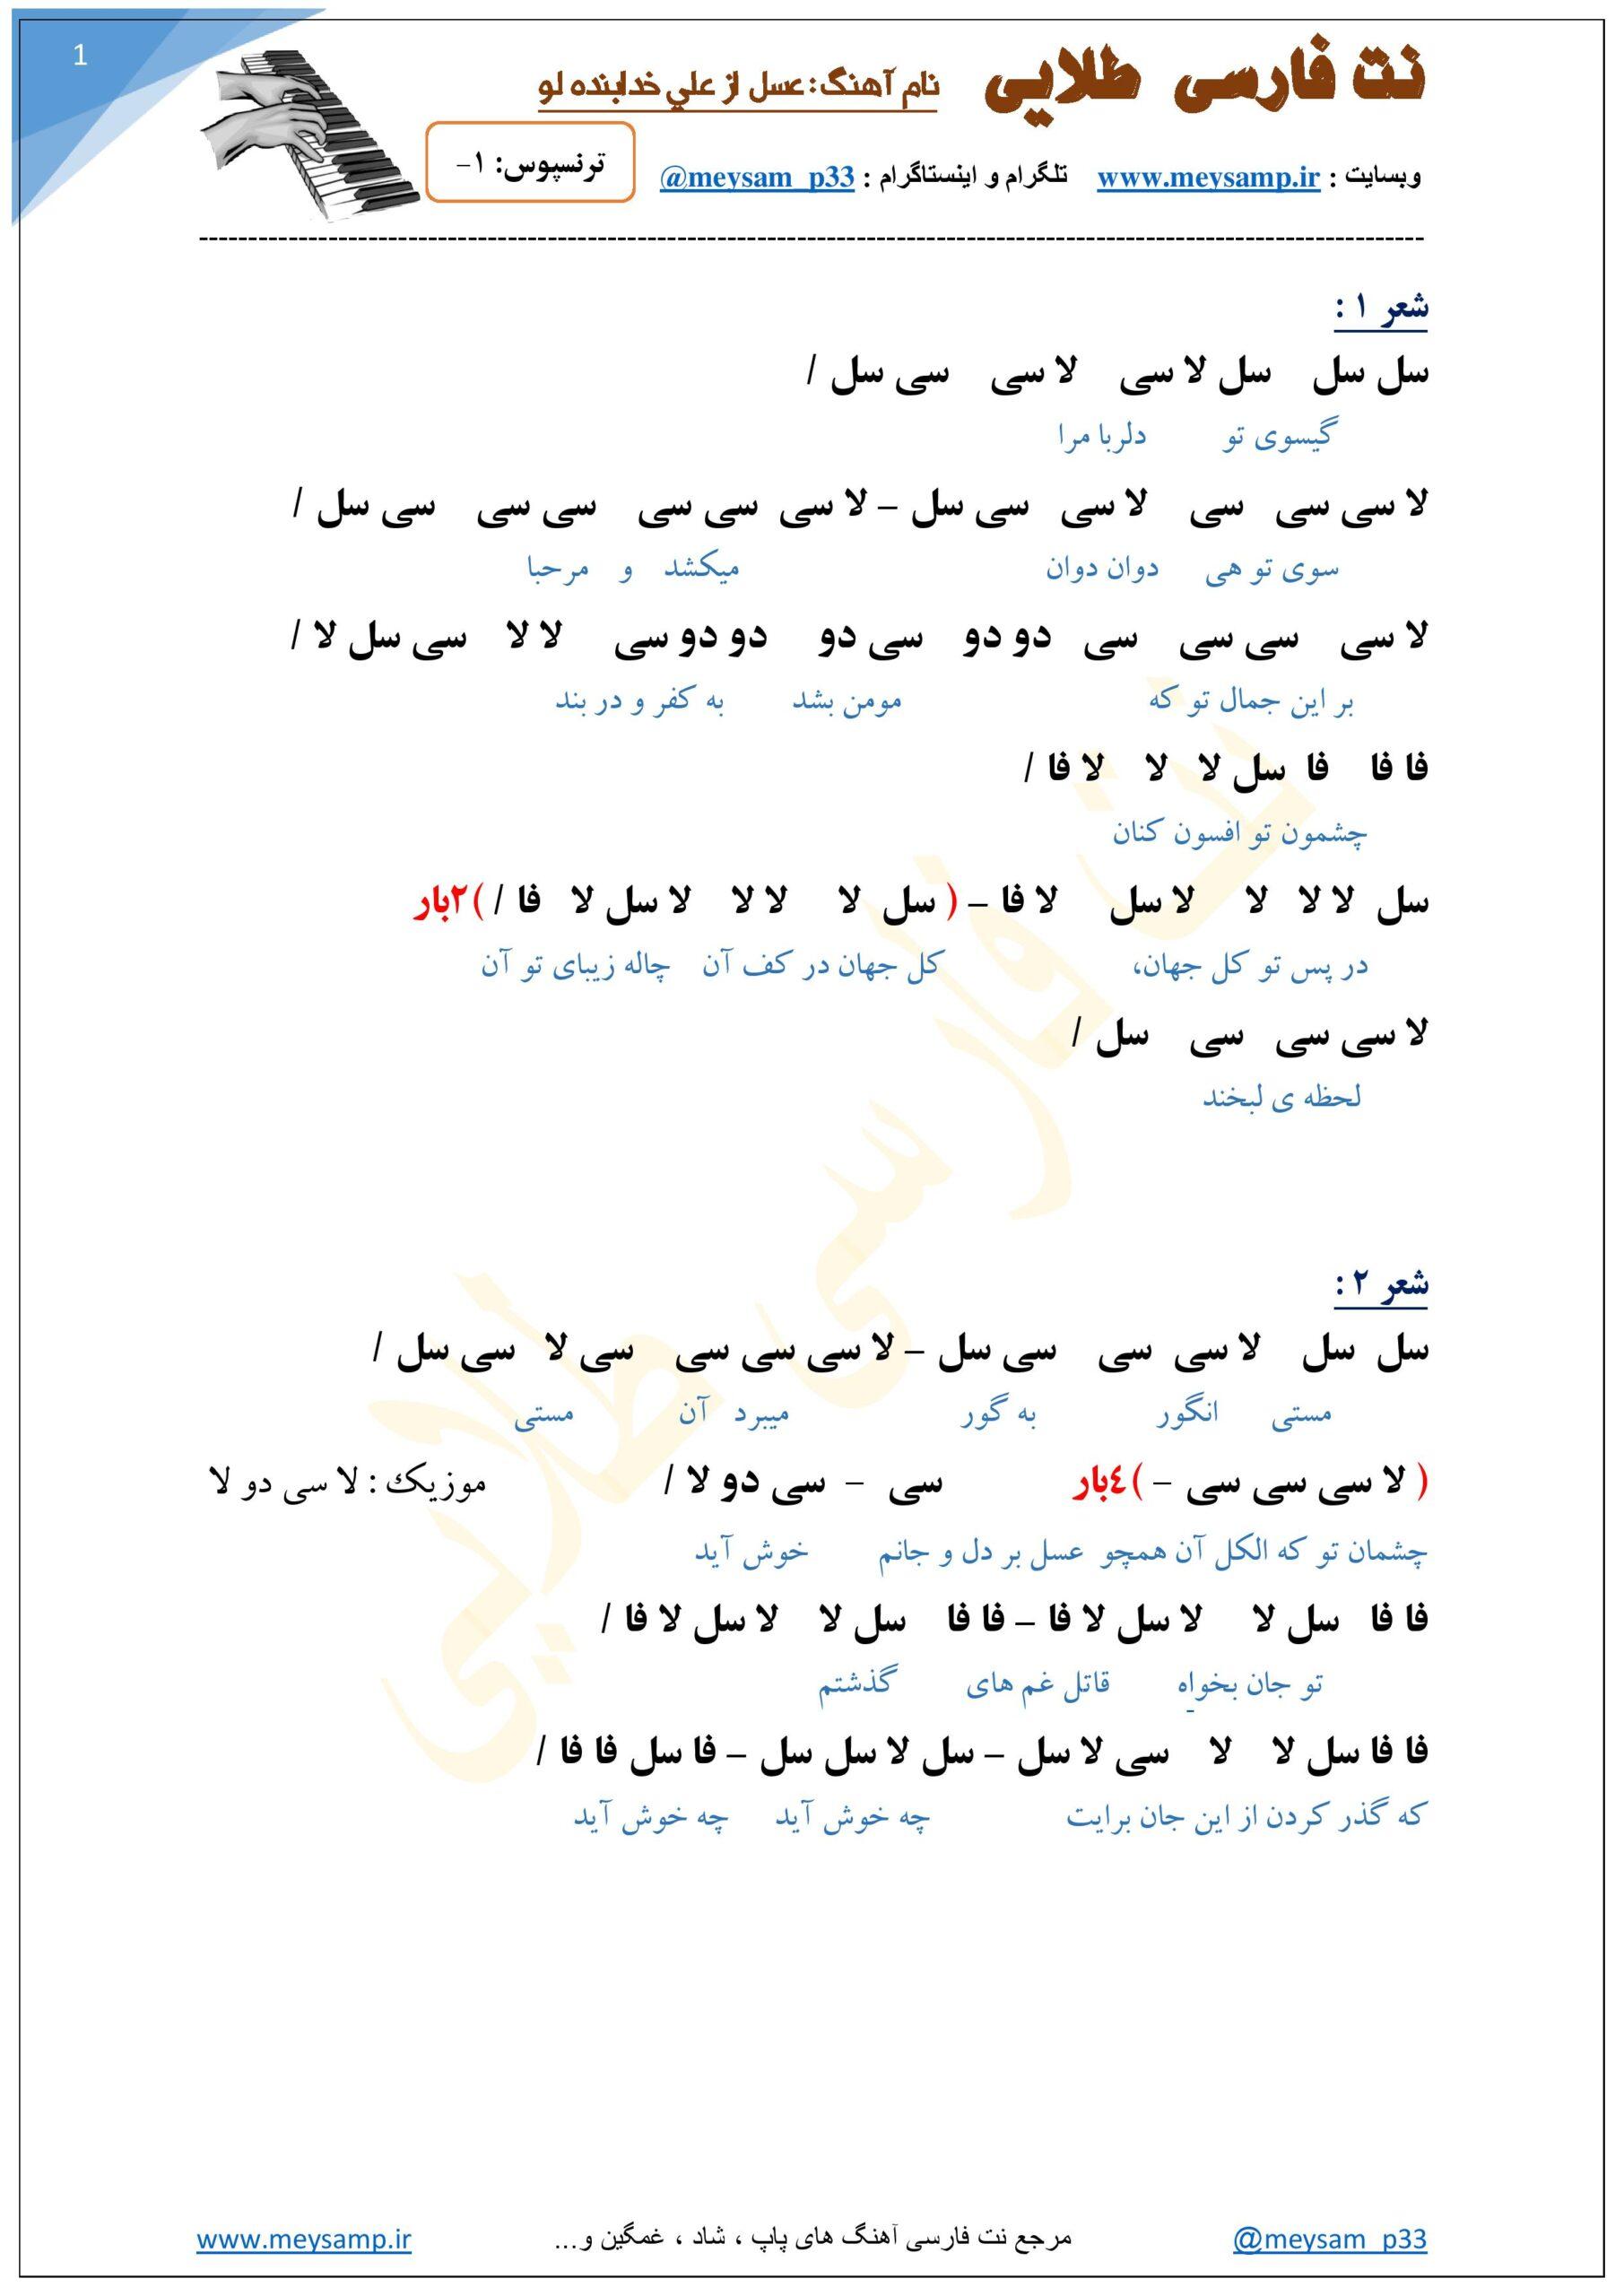 نت فارسی آهنگ عسل از علی خدابنده لو صفحه 1